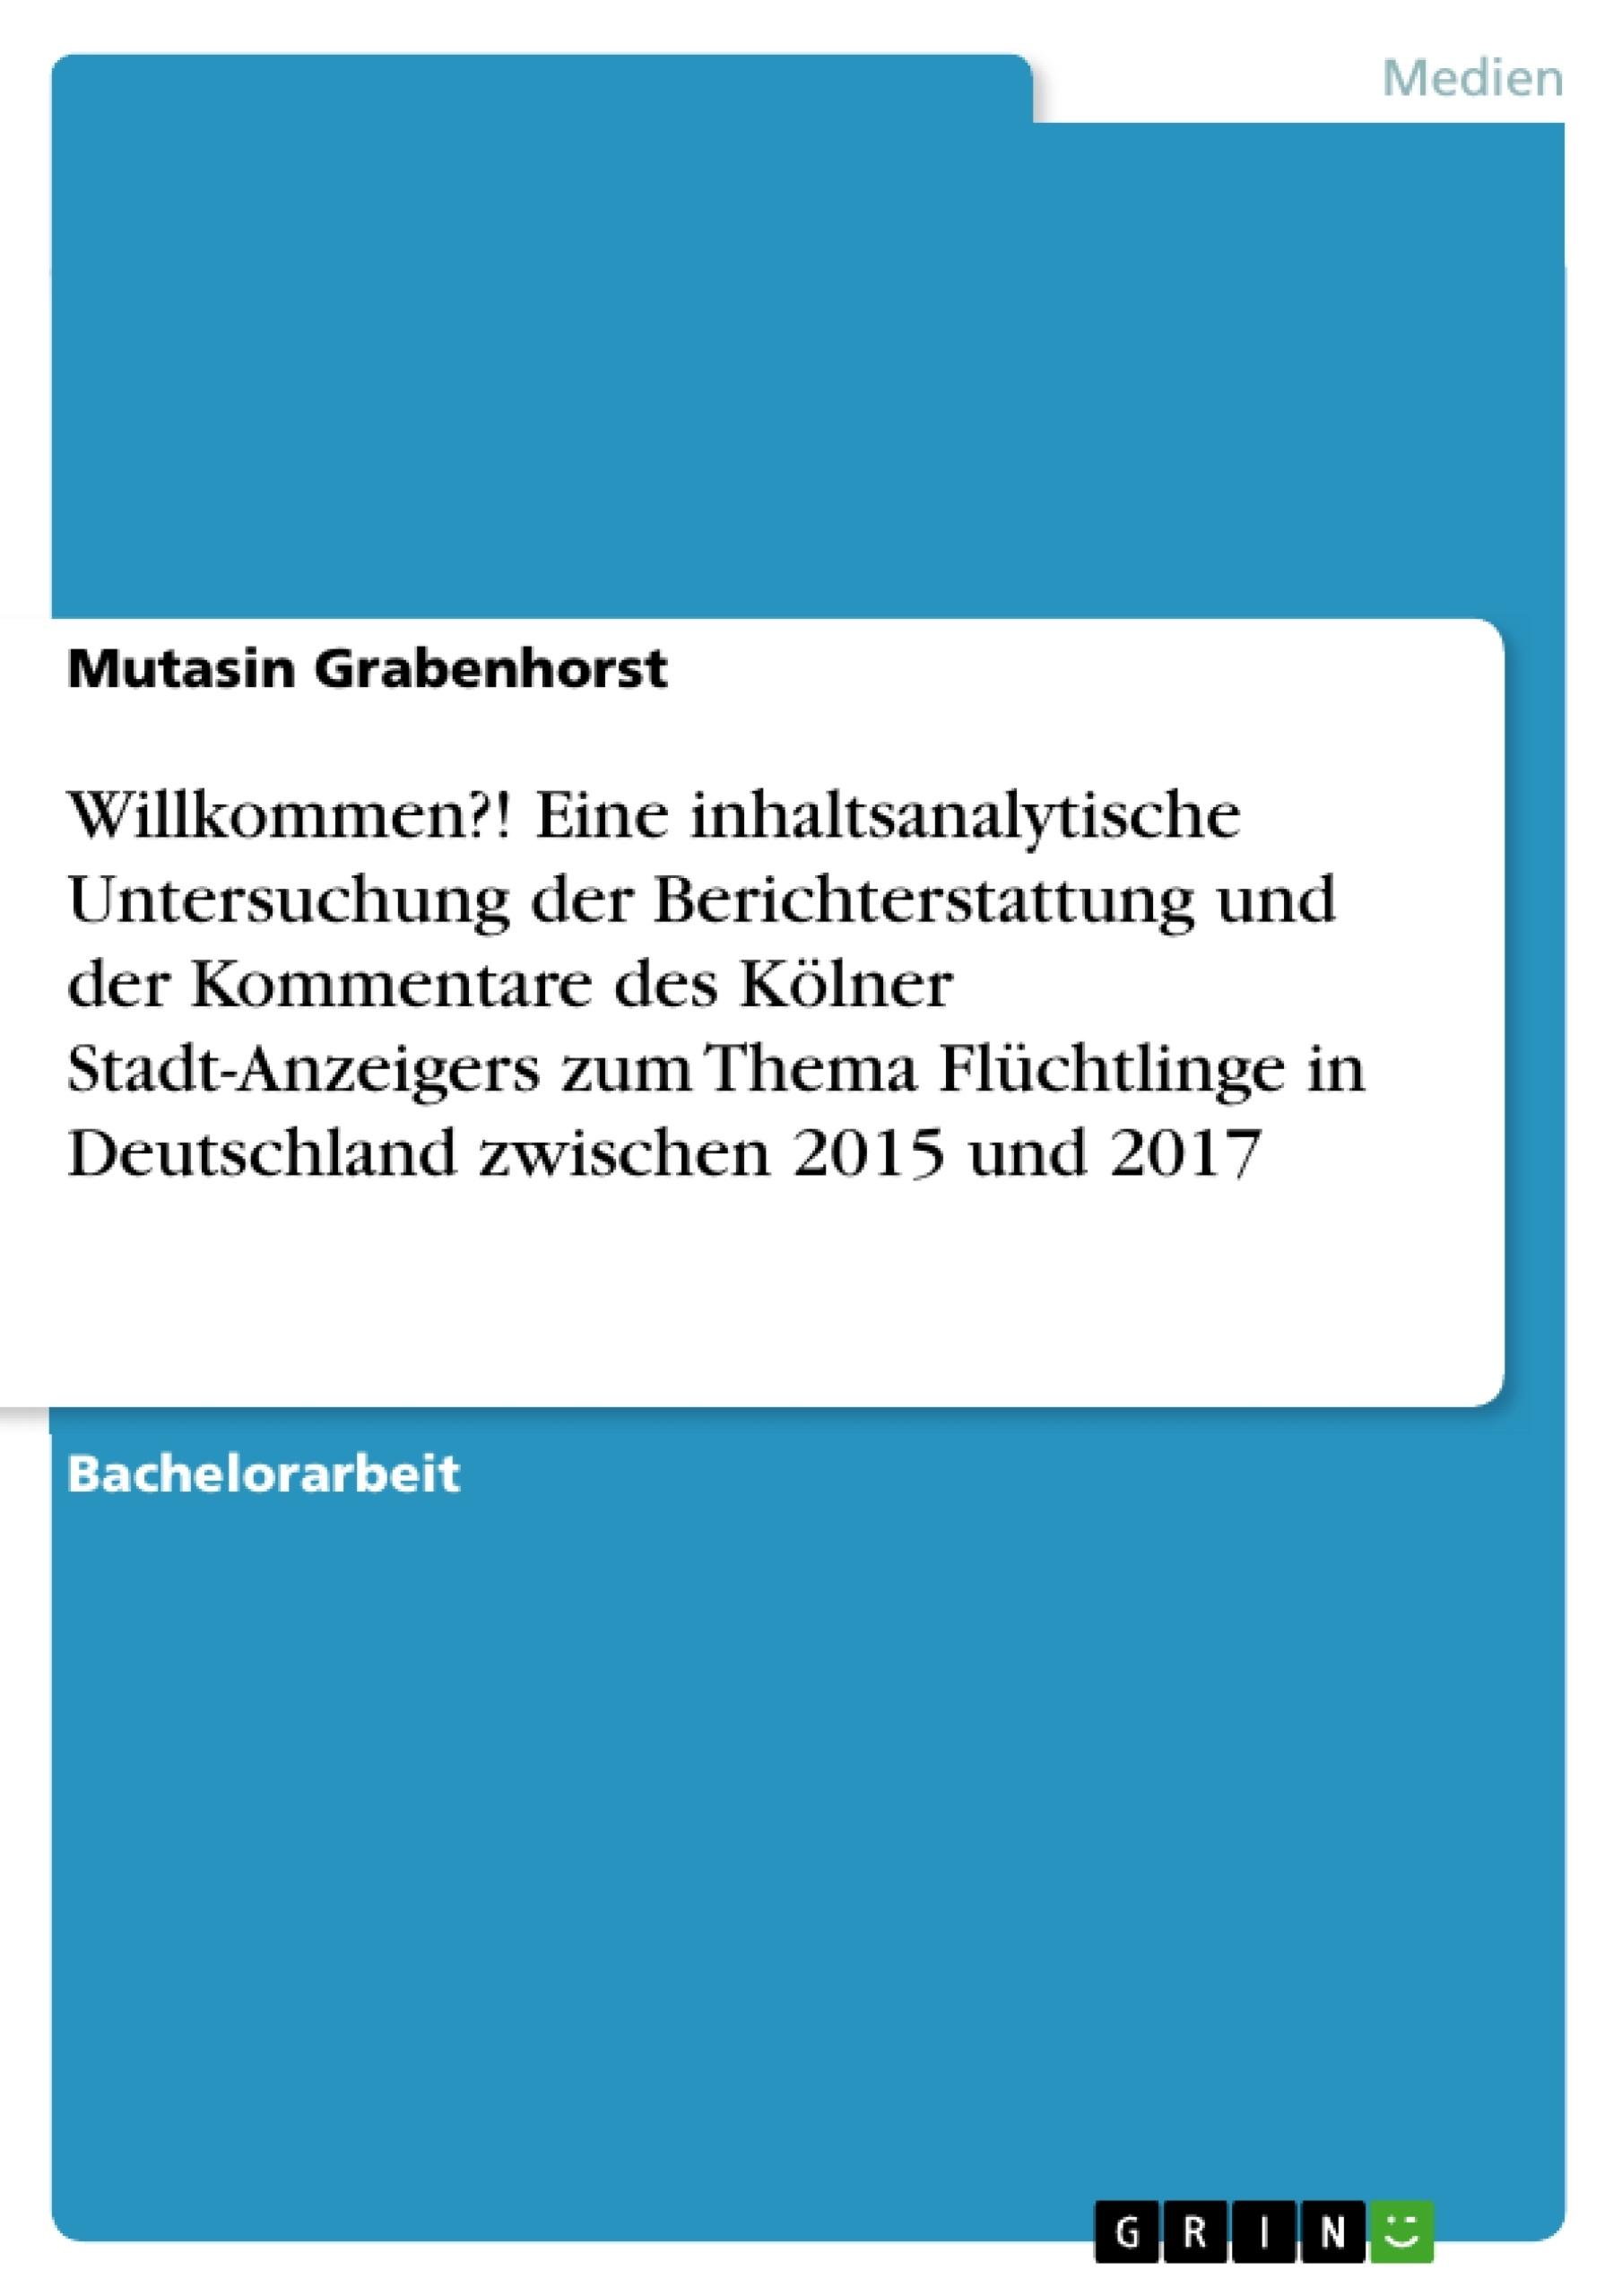 Titel: Willkommen?! Eine inhaltsanalytische Untersuchung der Berichterstattung und der Kommentare des Kölner Stadt-Anzeigers zum Thema Flüchtlinge in Deutschland zwischen 2015 und 2017